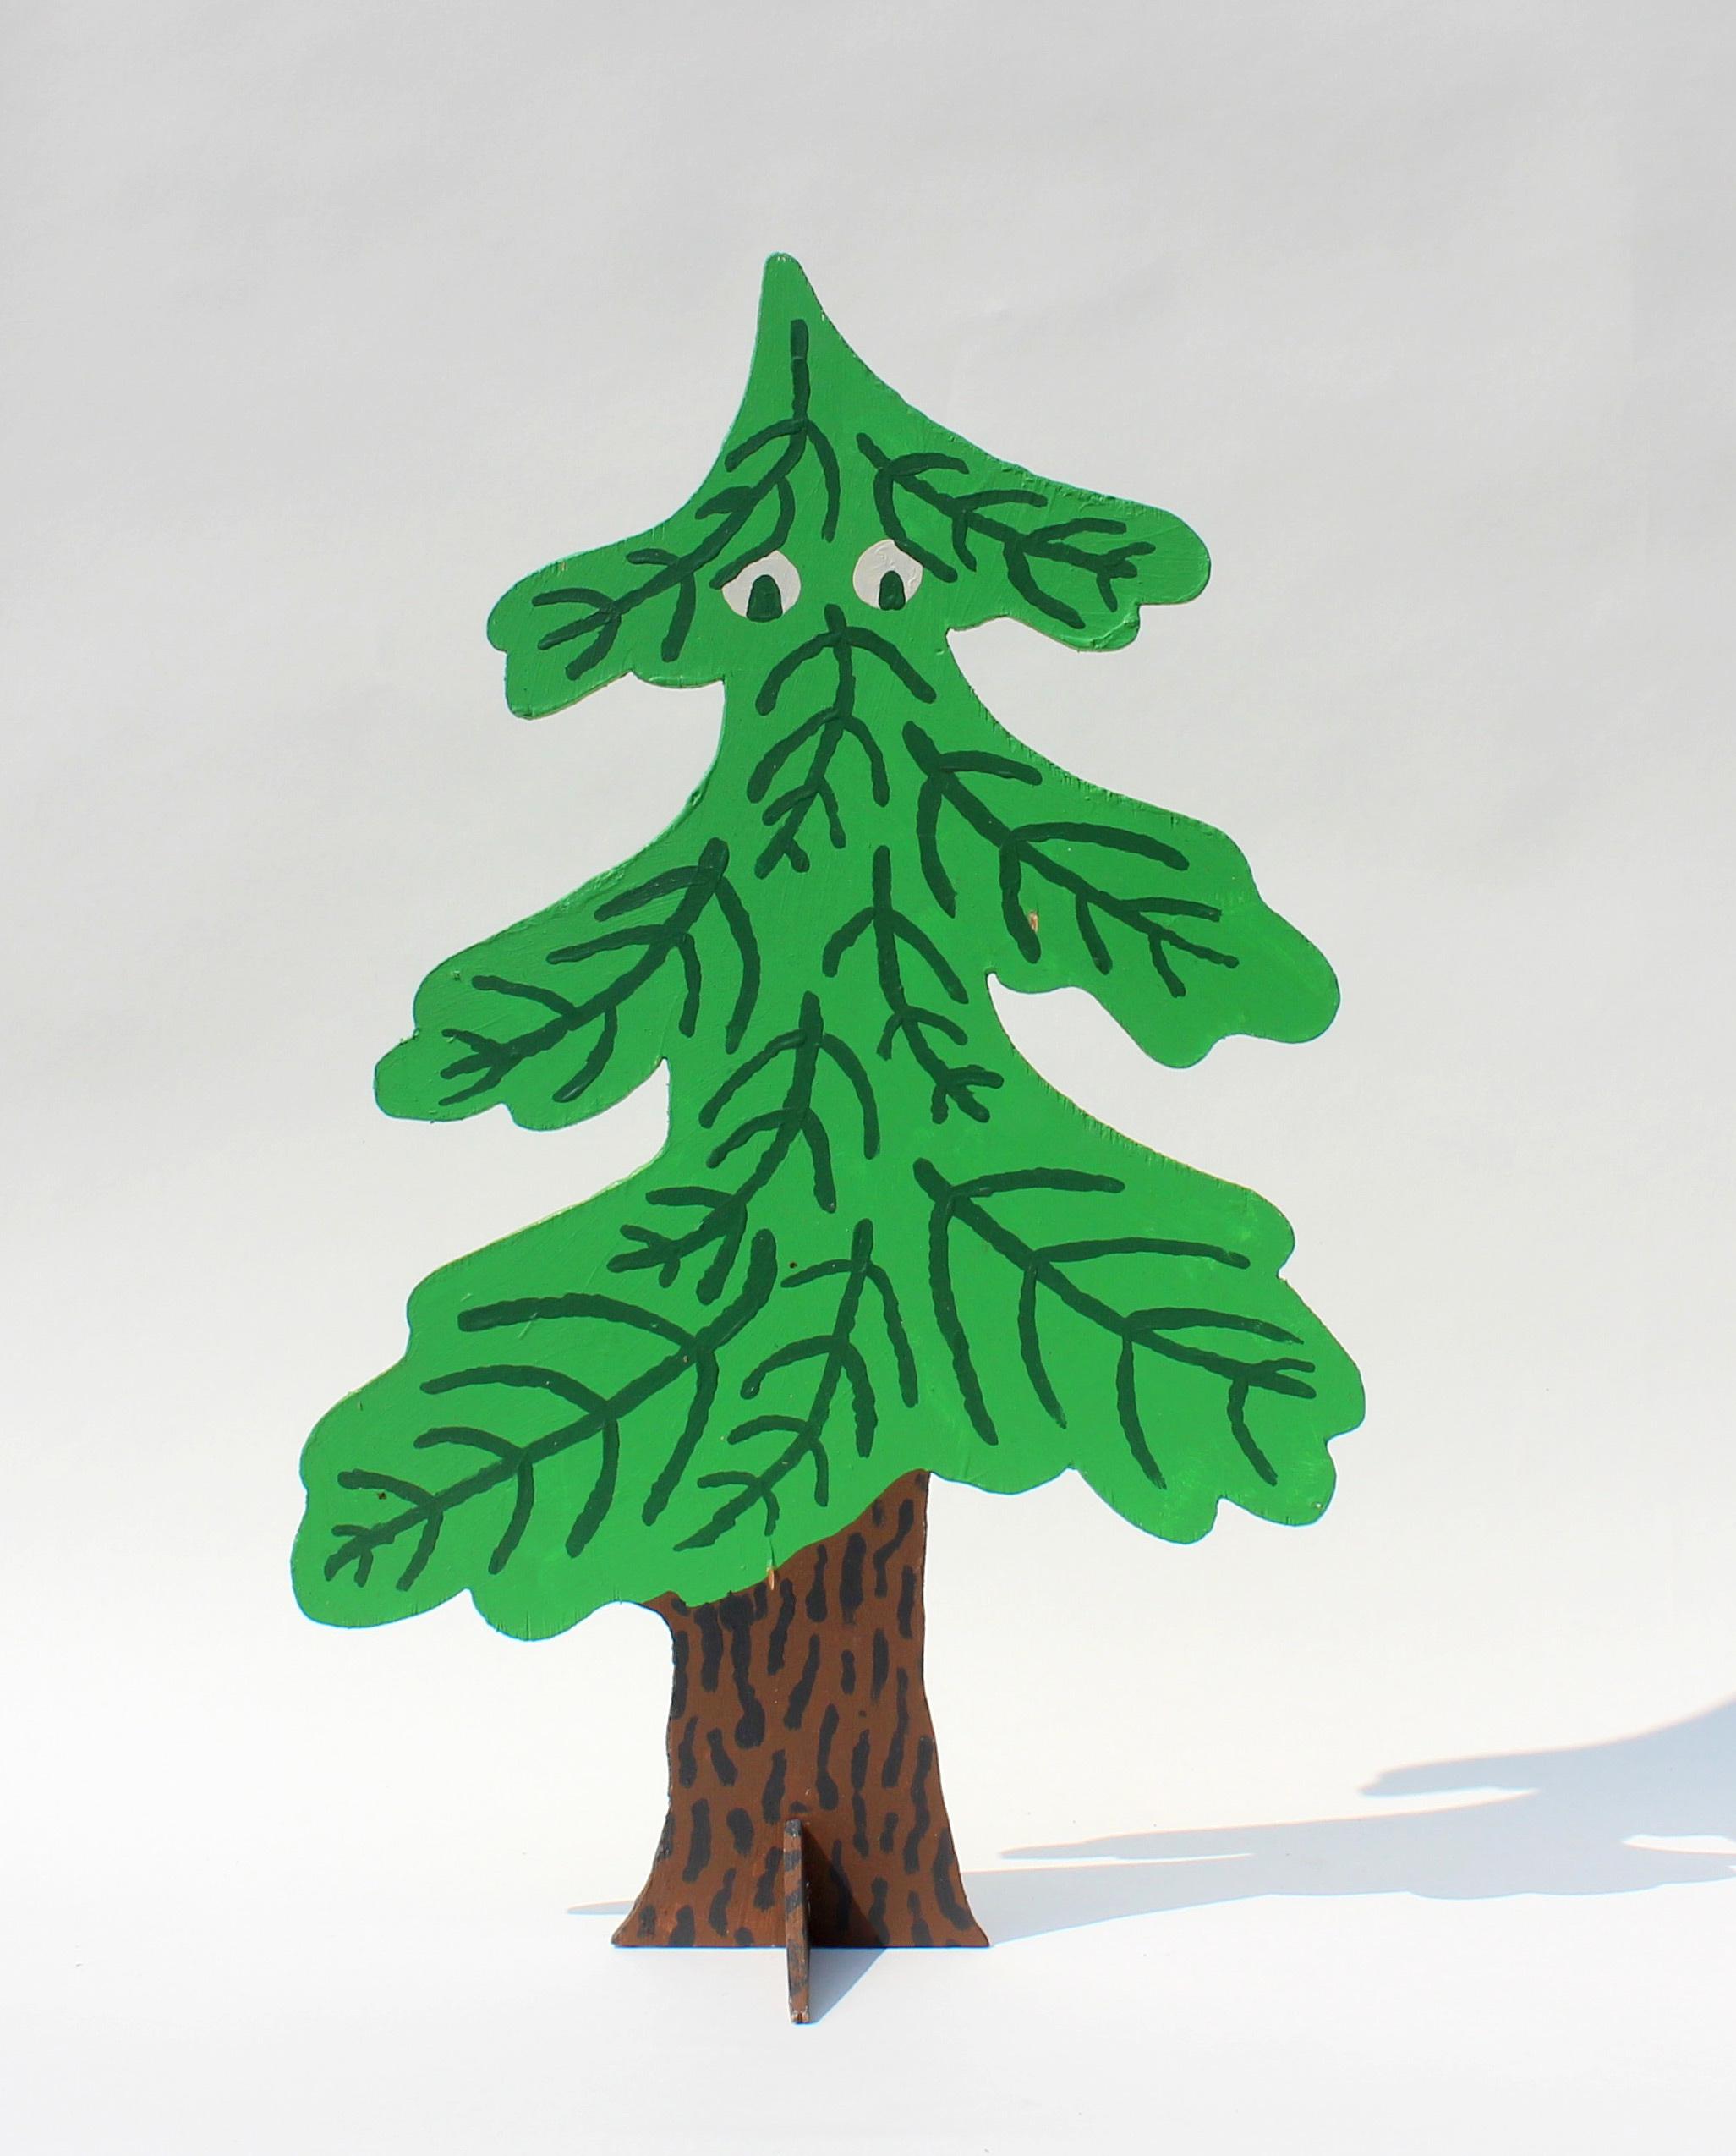 Sad_Tree2_web_2053.jpg